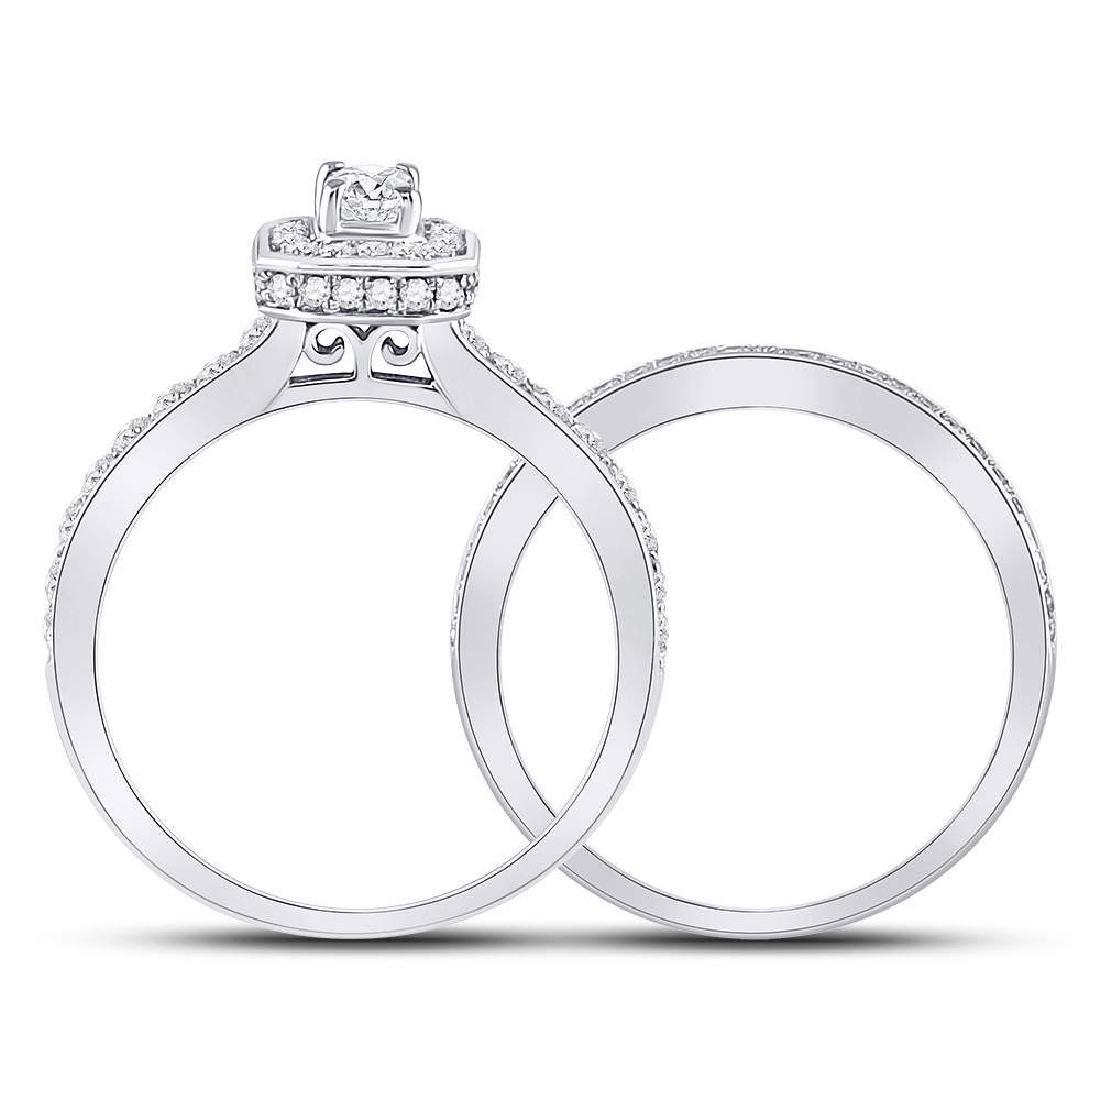 14kt White Gold Emerald Diamond Bridal Wedding Engageme - 4